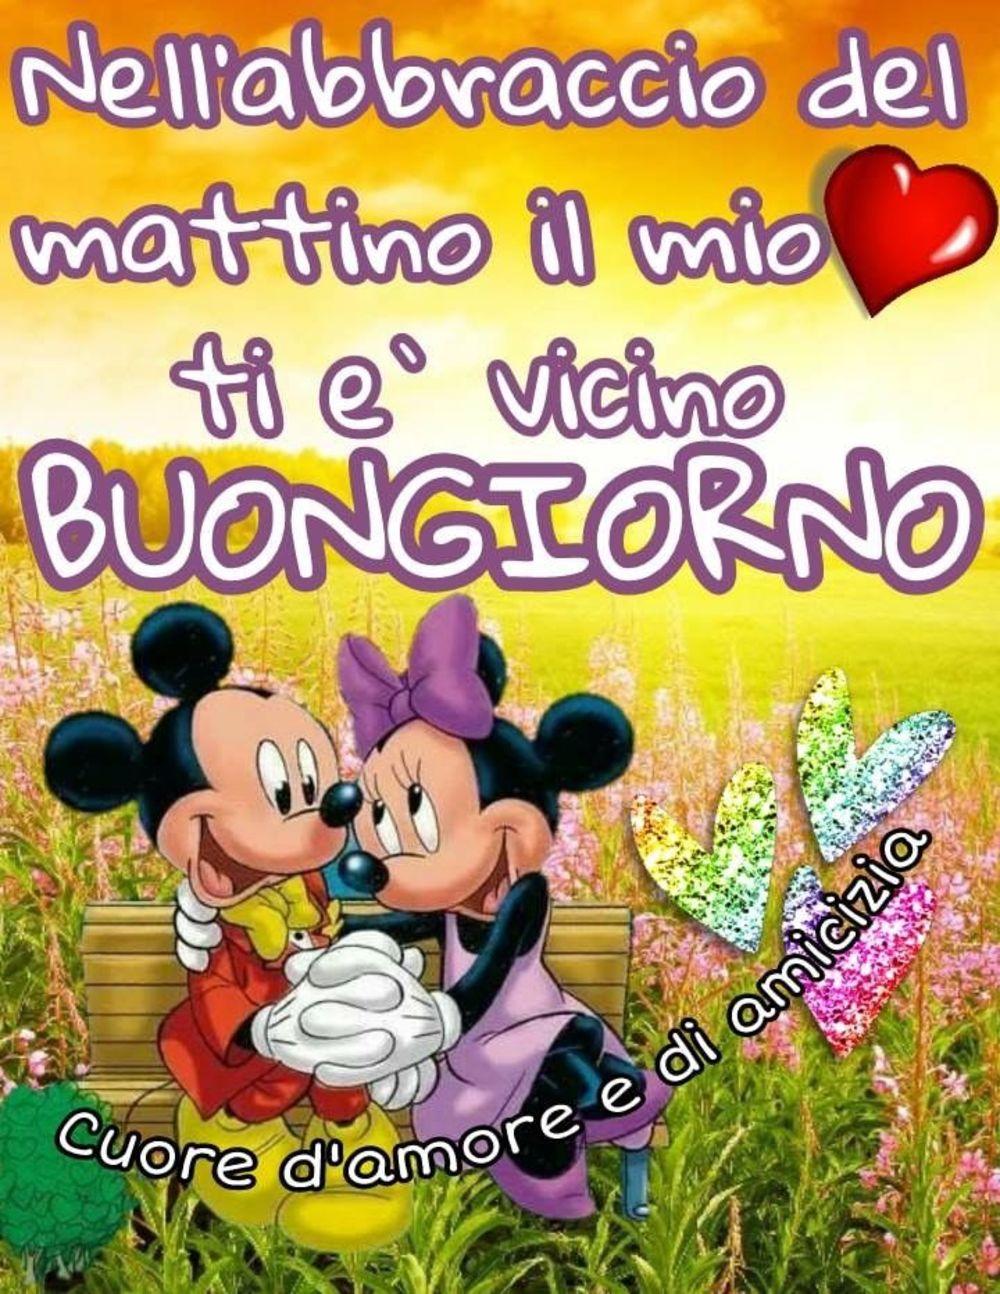 Buongiorno Disney